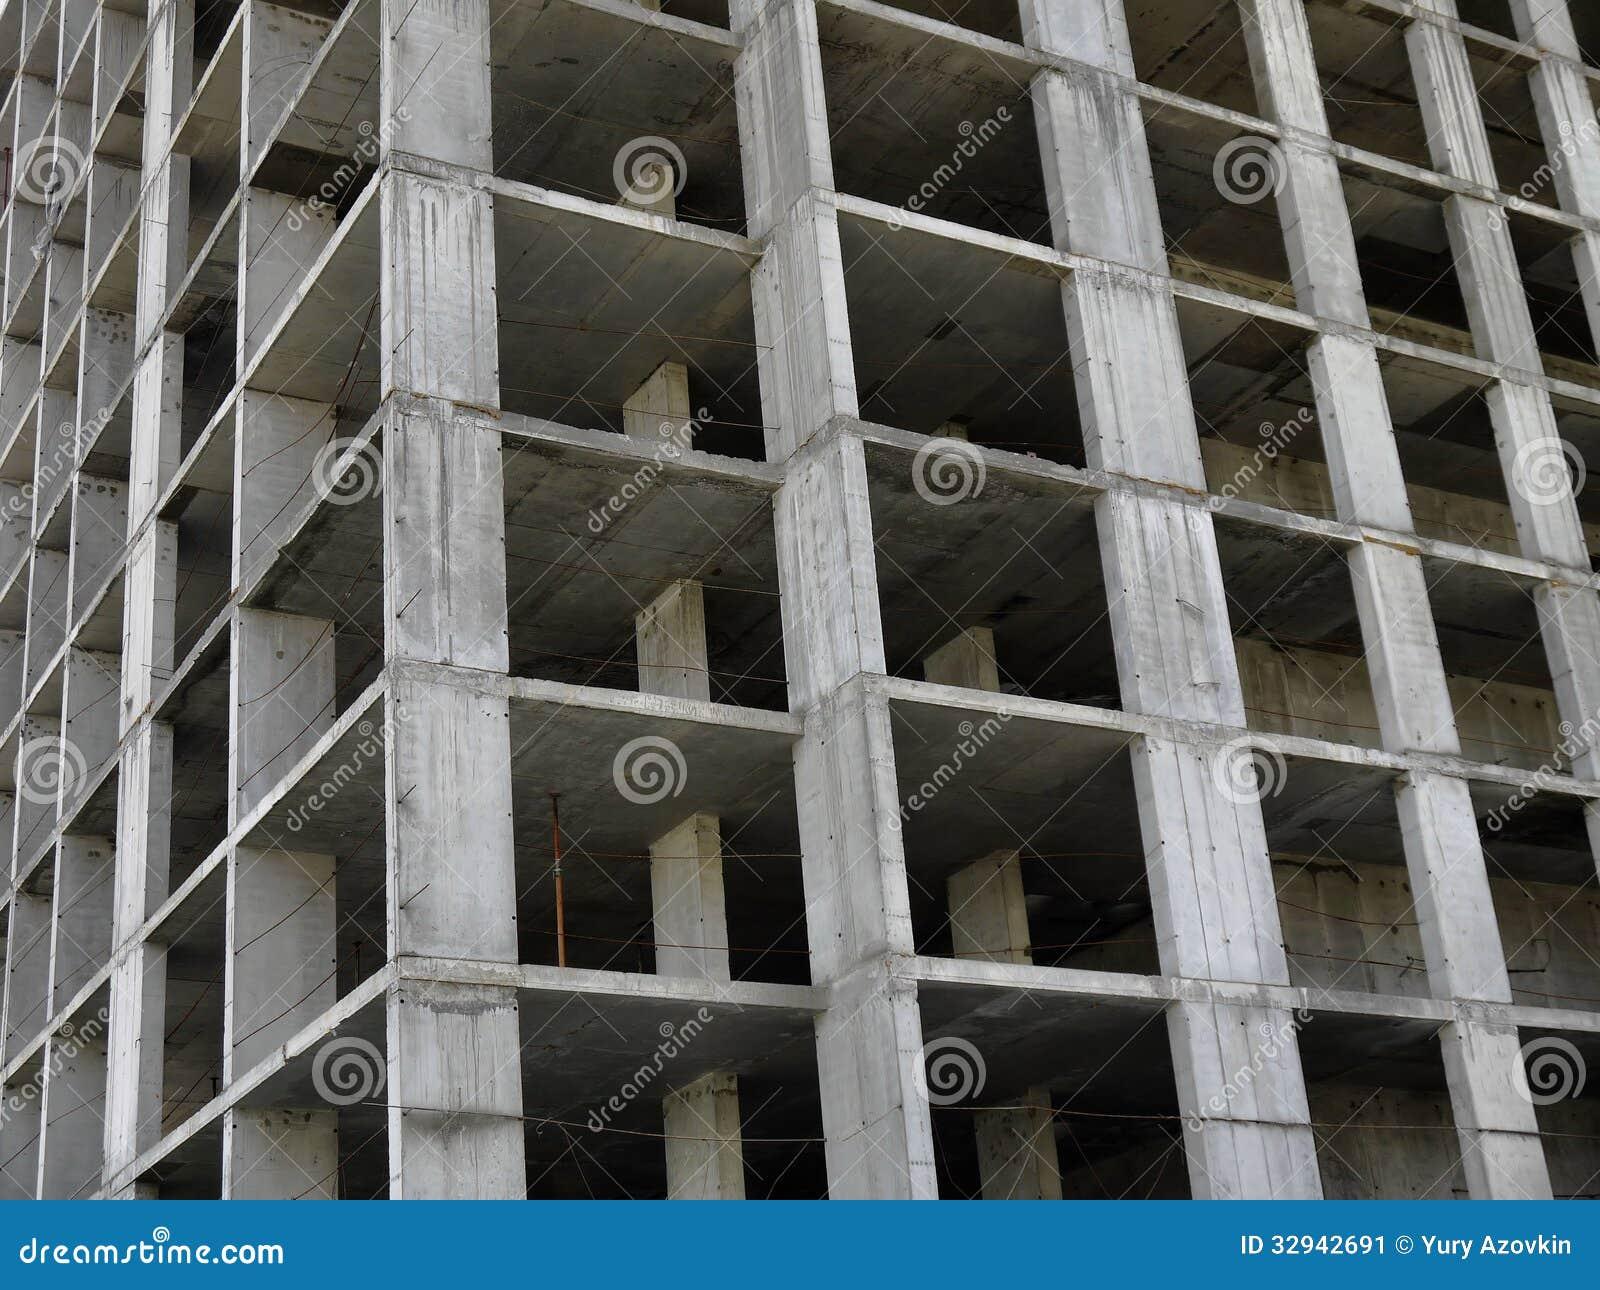 Photo reinforced concrete frame building under construction.